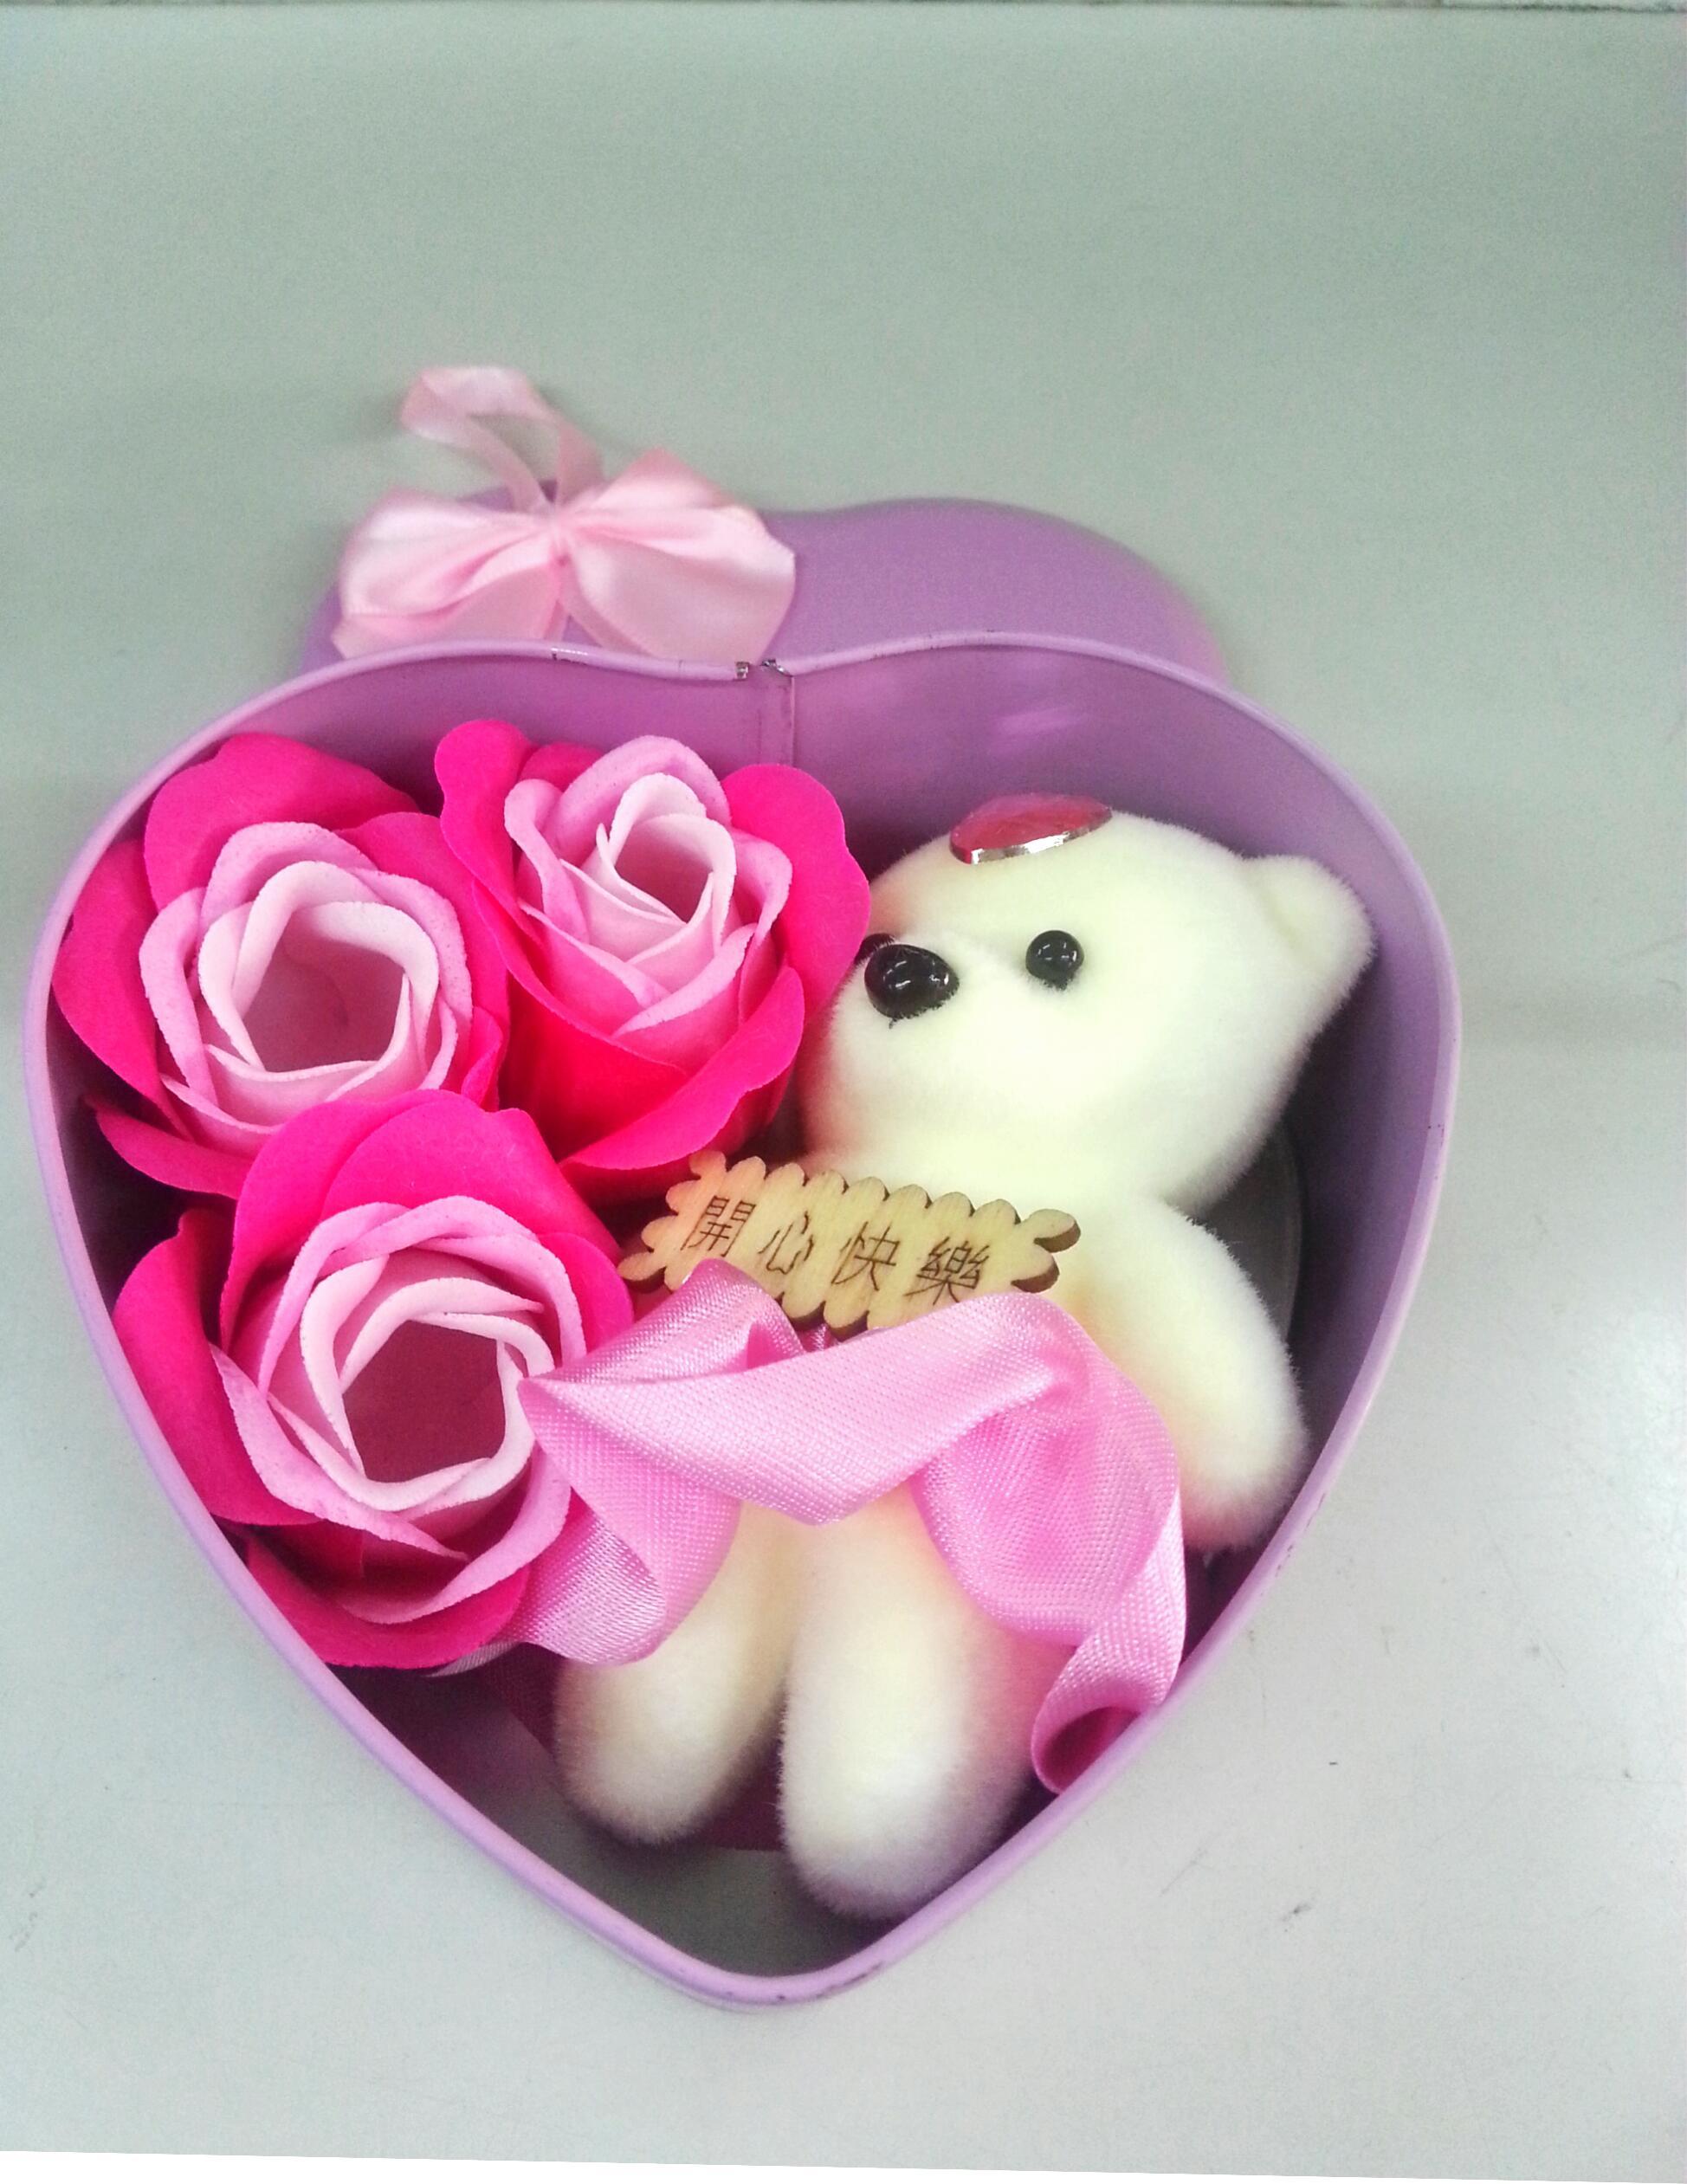 กล่องหัวใจวาเลนไทน์ หมี+ดอกกุหลาบ3ดอก(มีกลิ่นหอม) สีชมพู